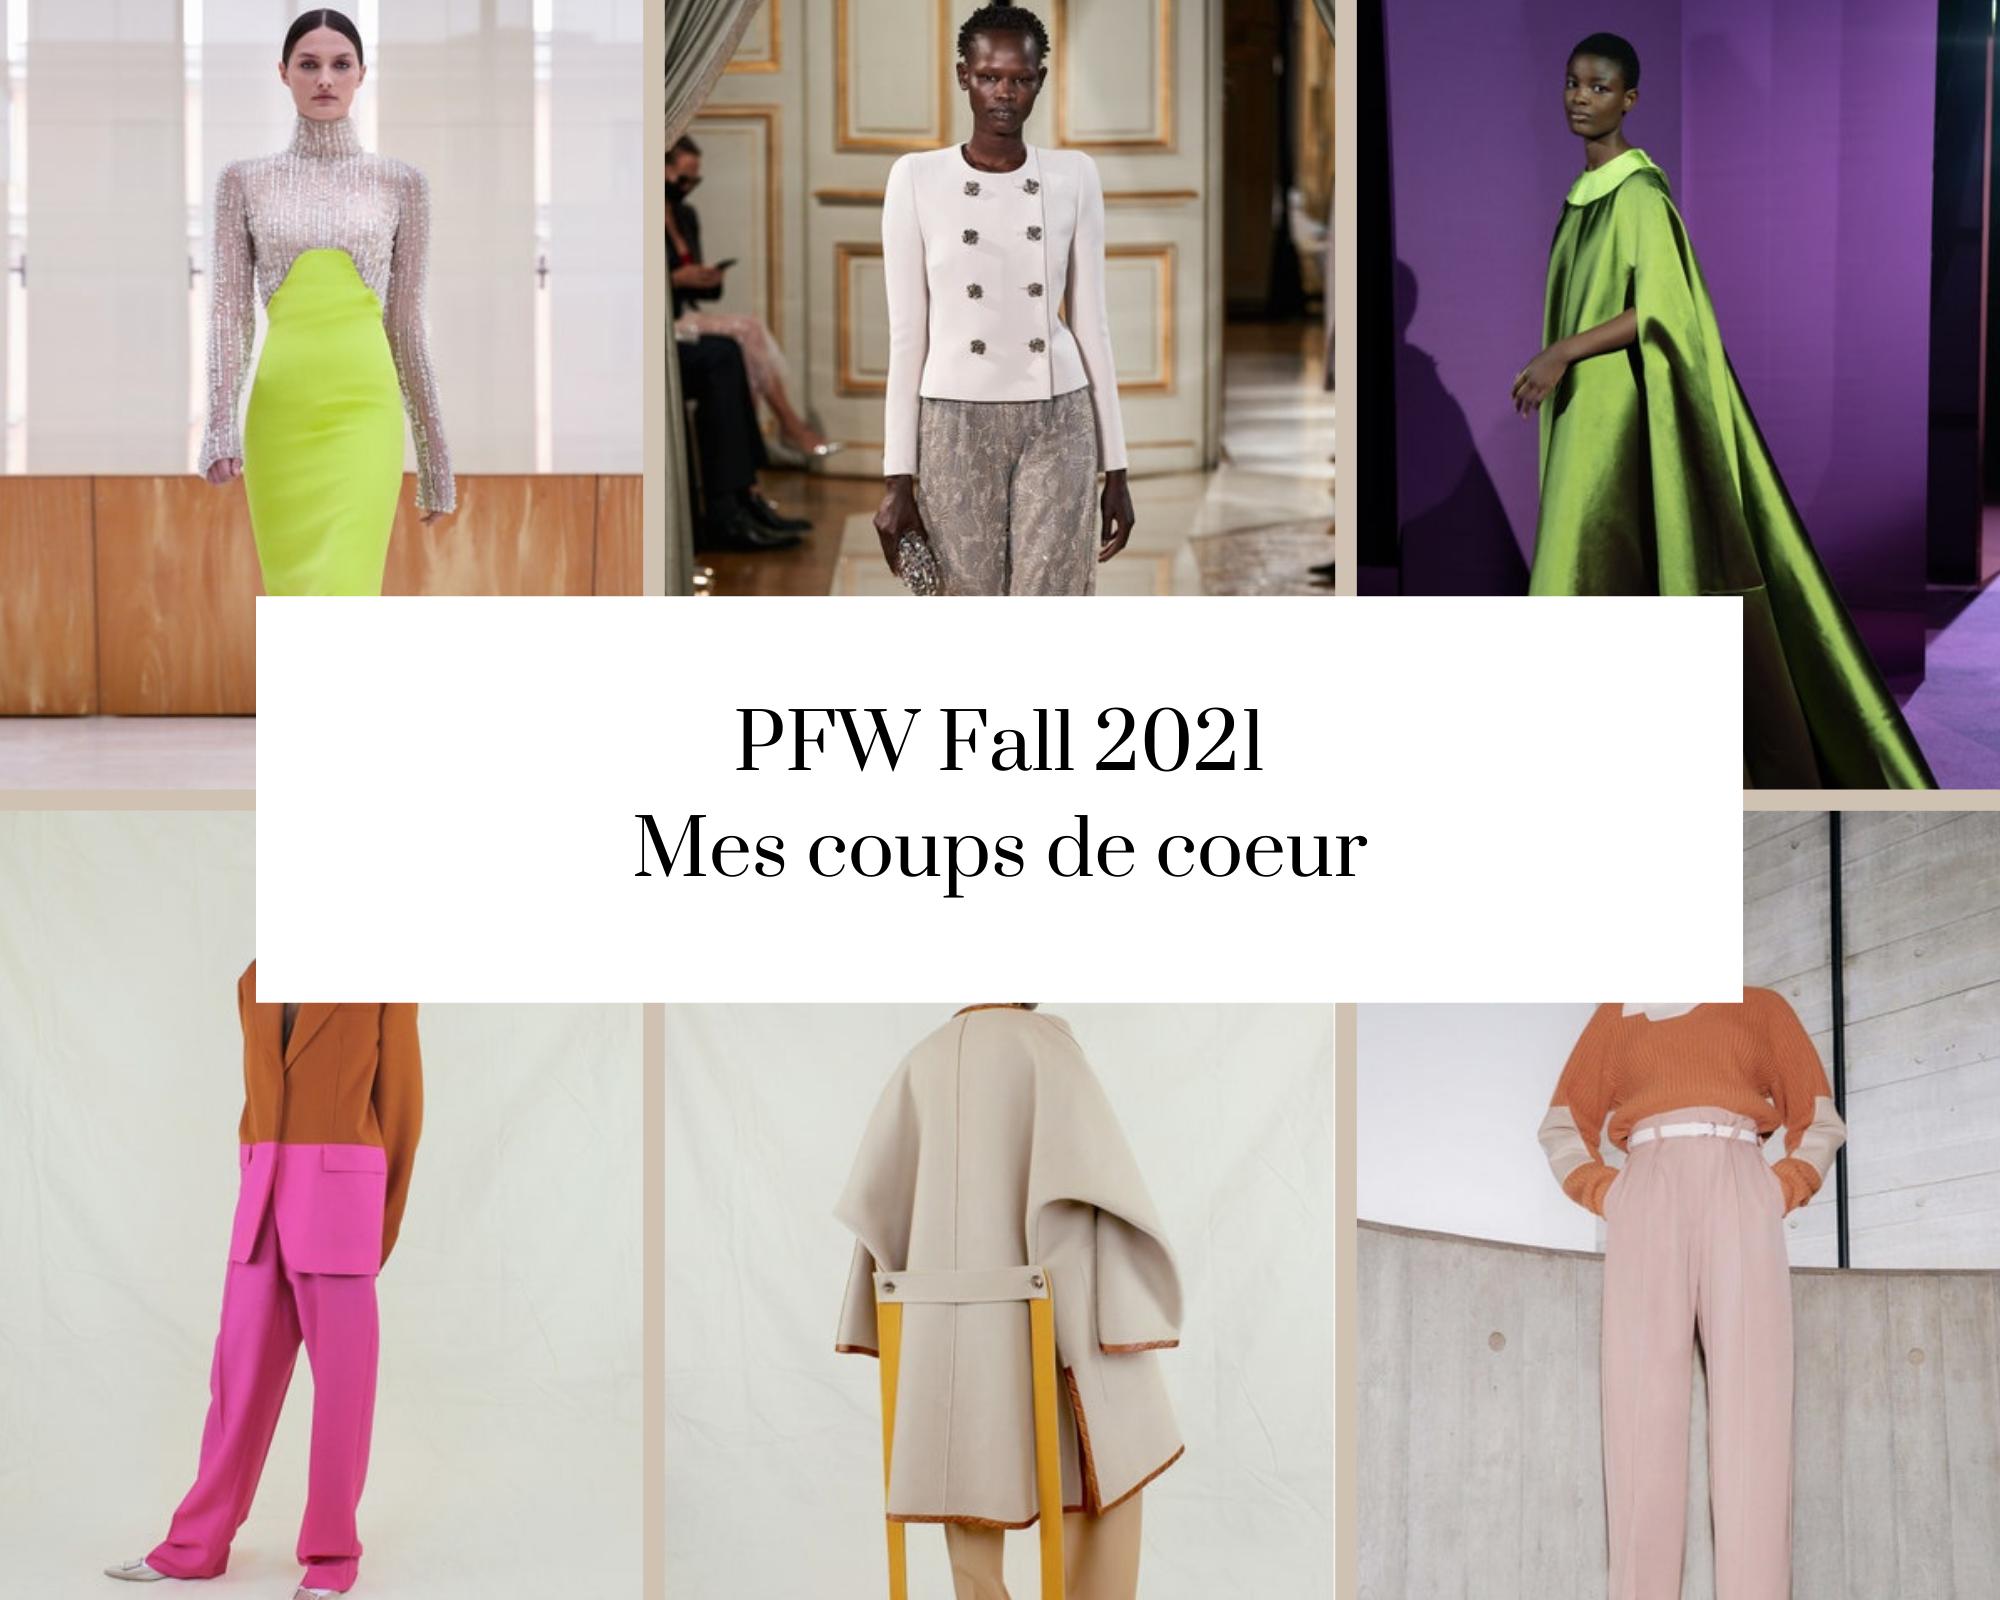 PFW Fall 2021 – mes coups de coeur